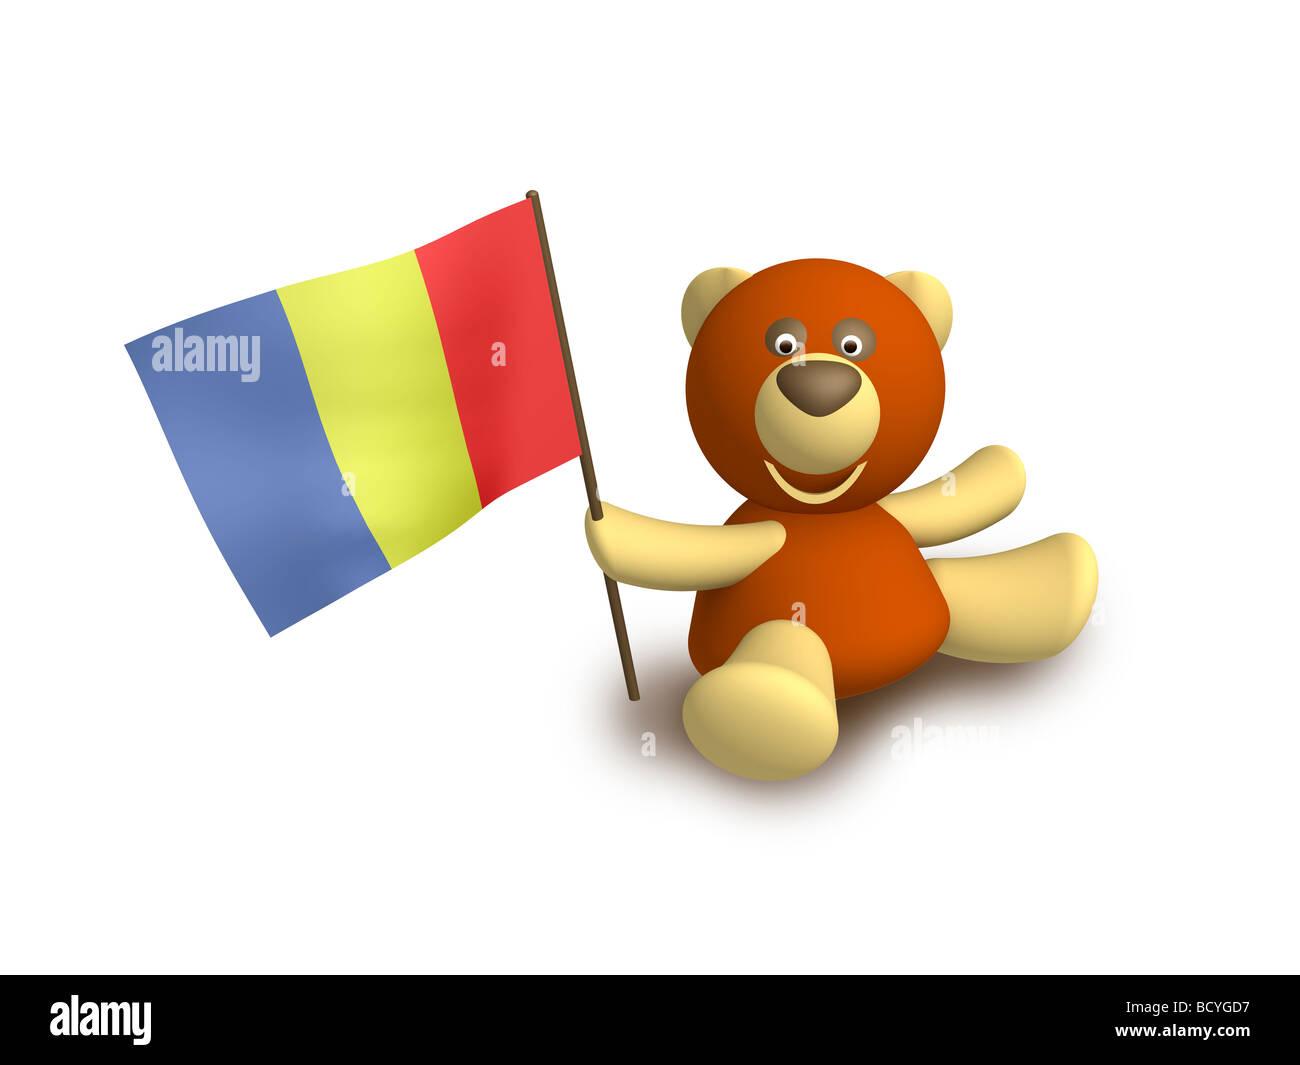 Tchad flag - Stock Image